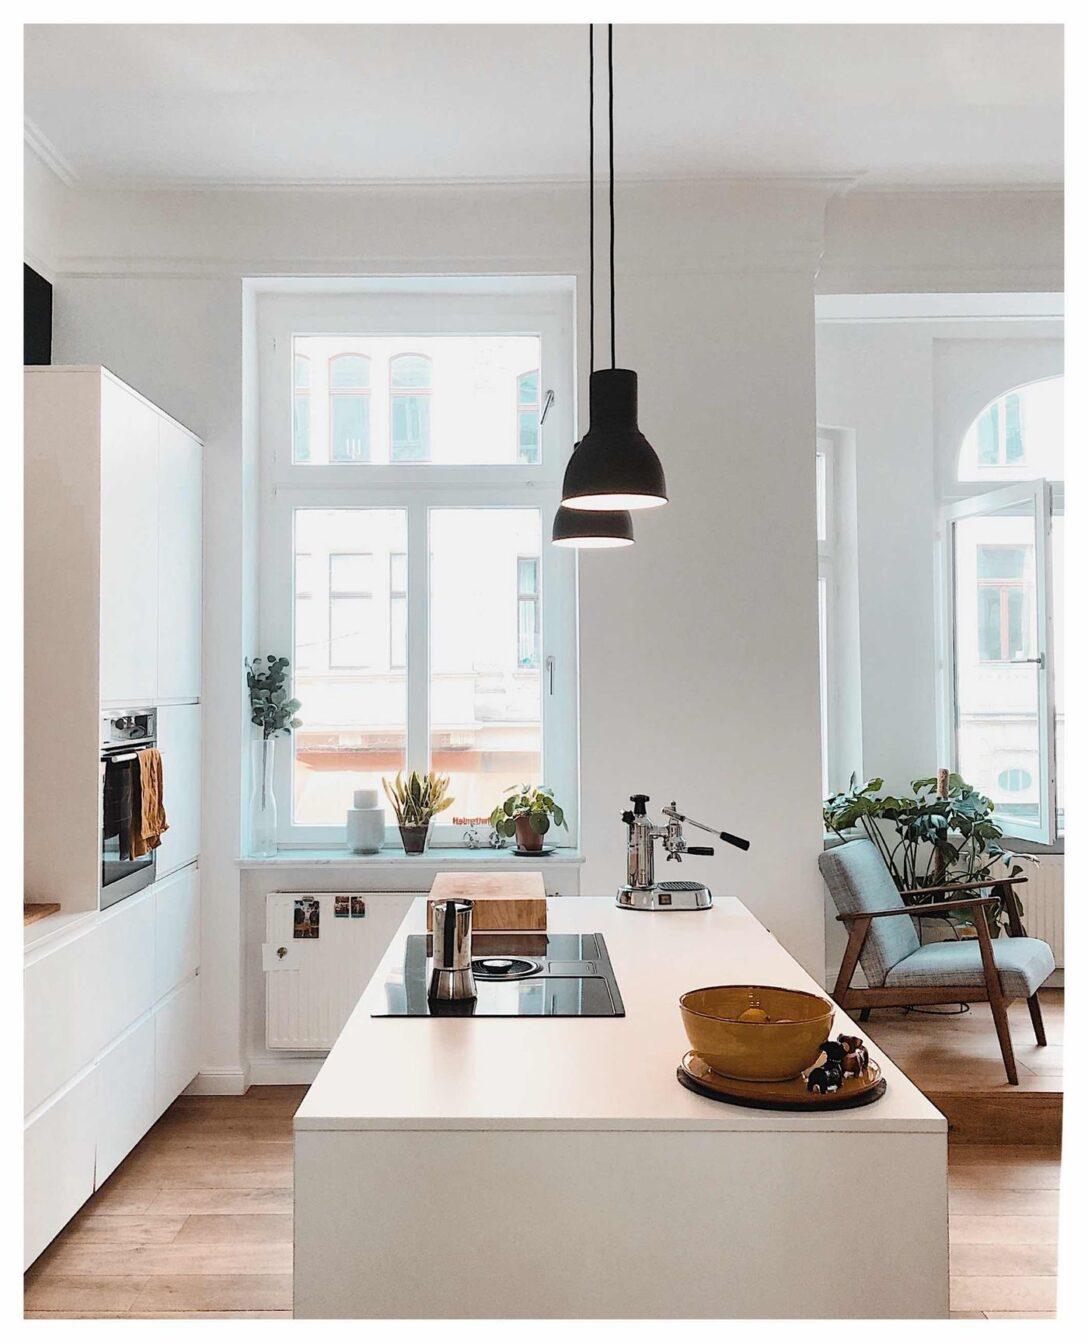 Large Size of Ikea Kchen Tolle Tipps Und Ideen Fr Kchenplanung Küche Planen Kostenlos Abfalleimer Vollholzküche Industrielook Läufer Salamander Aufbewahrungsbehälter Was Wohnzimmer Voxtorp Küche Ikea